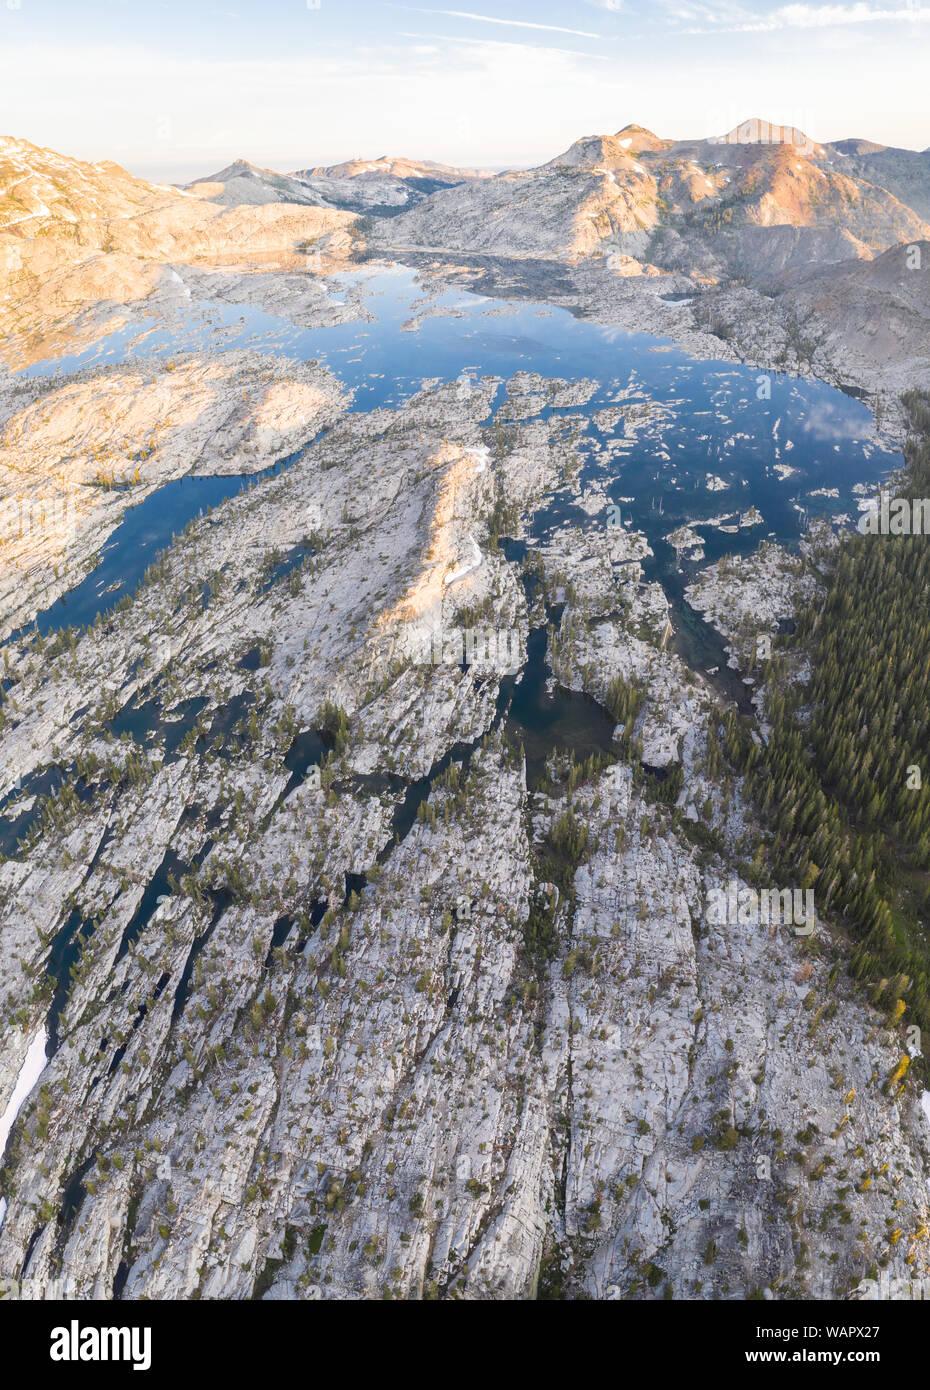 Die malerische Sierra Nevada in Kalifornien ist der 100 Millionen Jahre alten Granit, die durch die Gletscher über geologische Zeit geformt wurden. Stockfoto